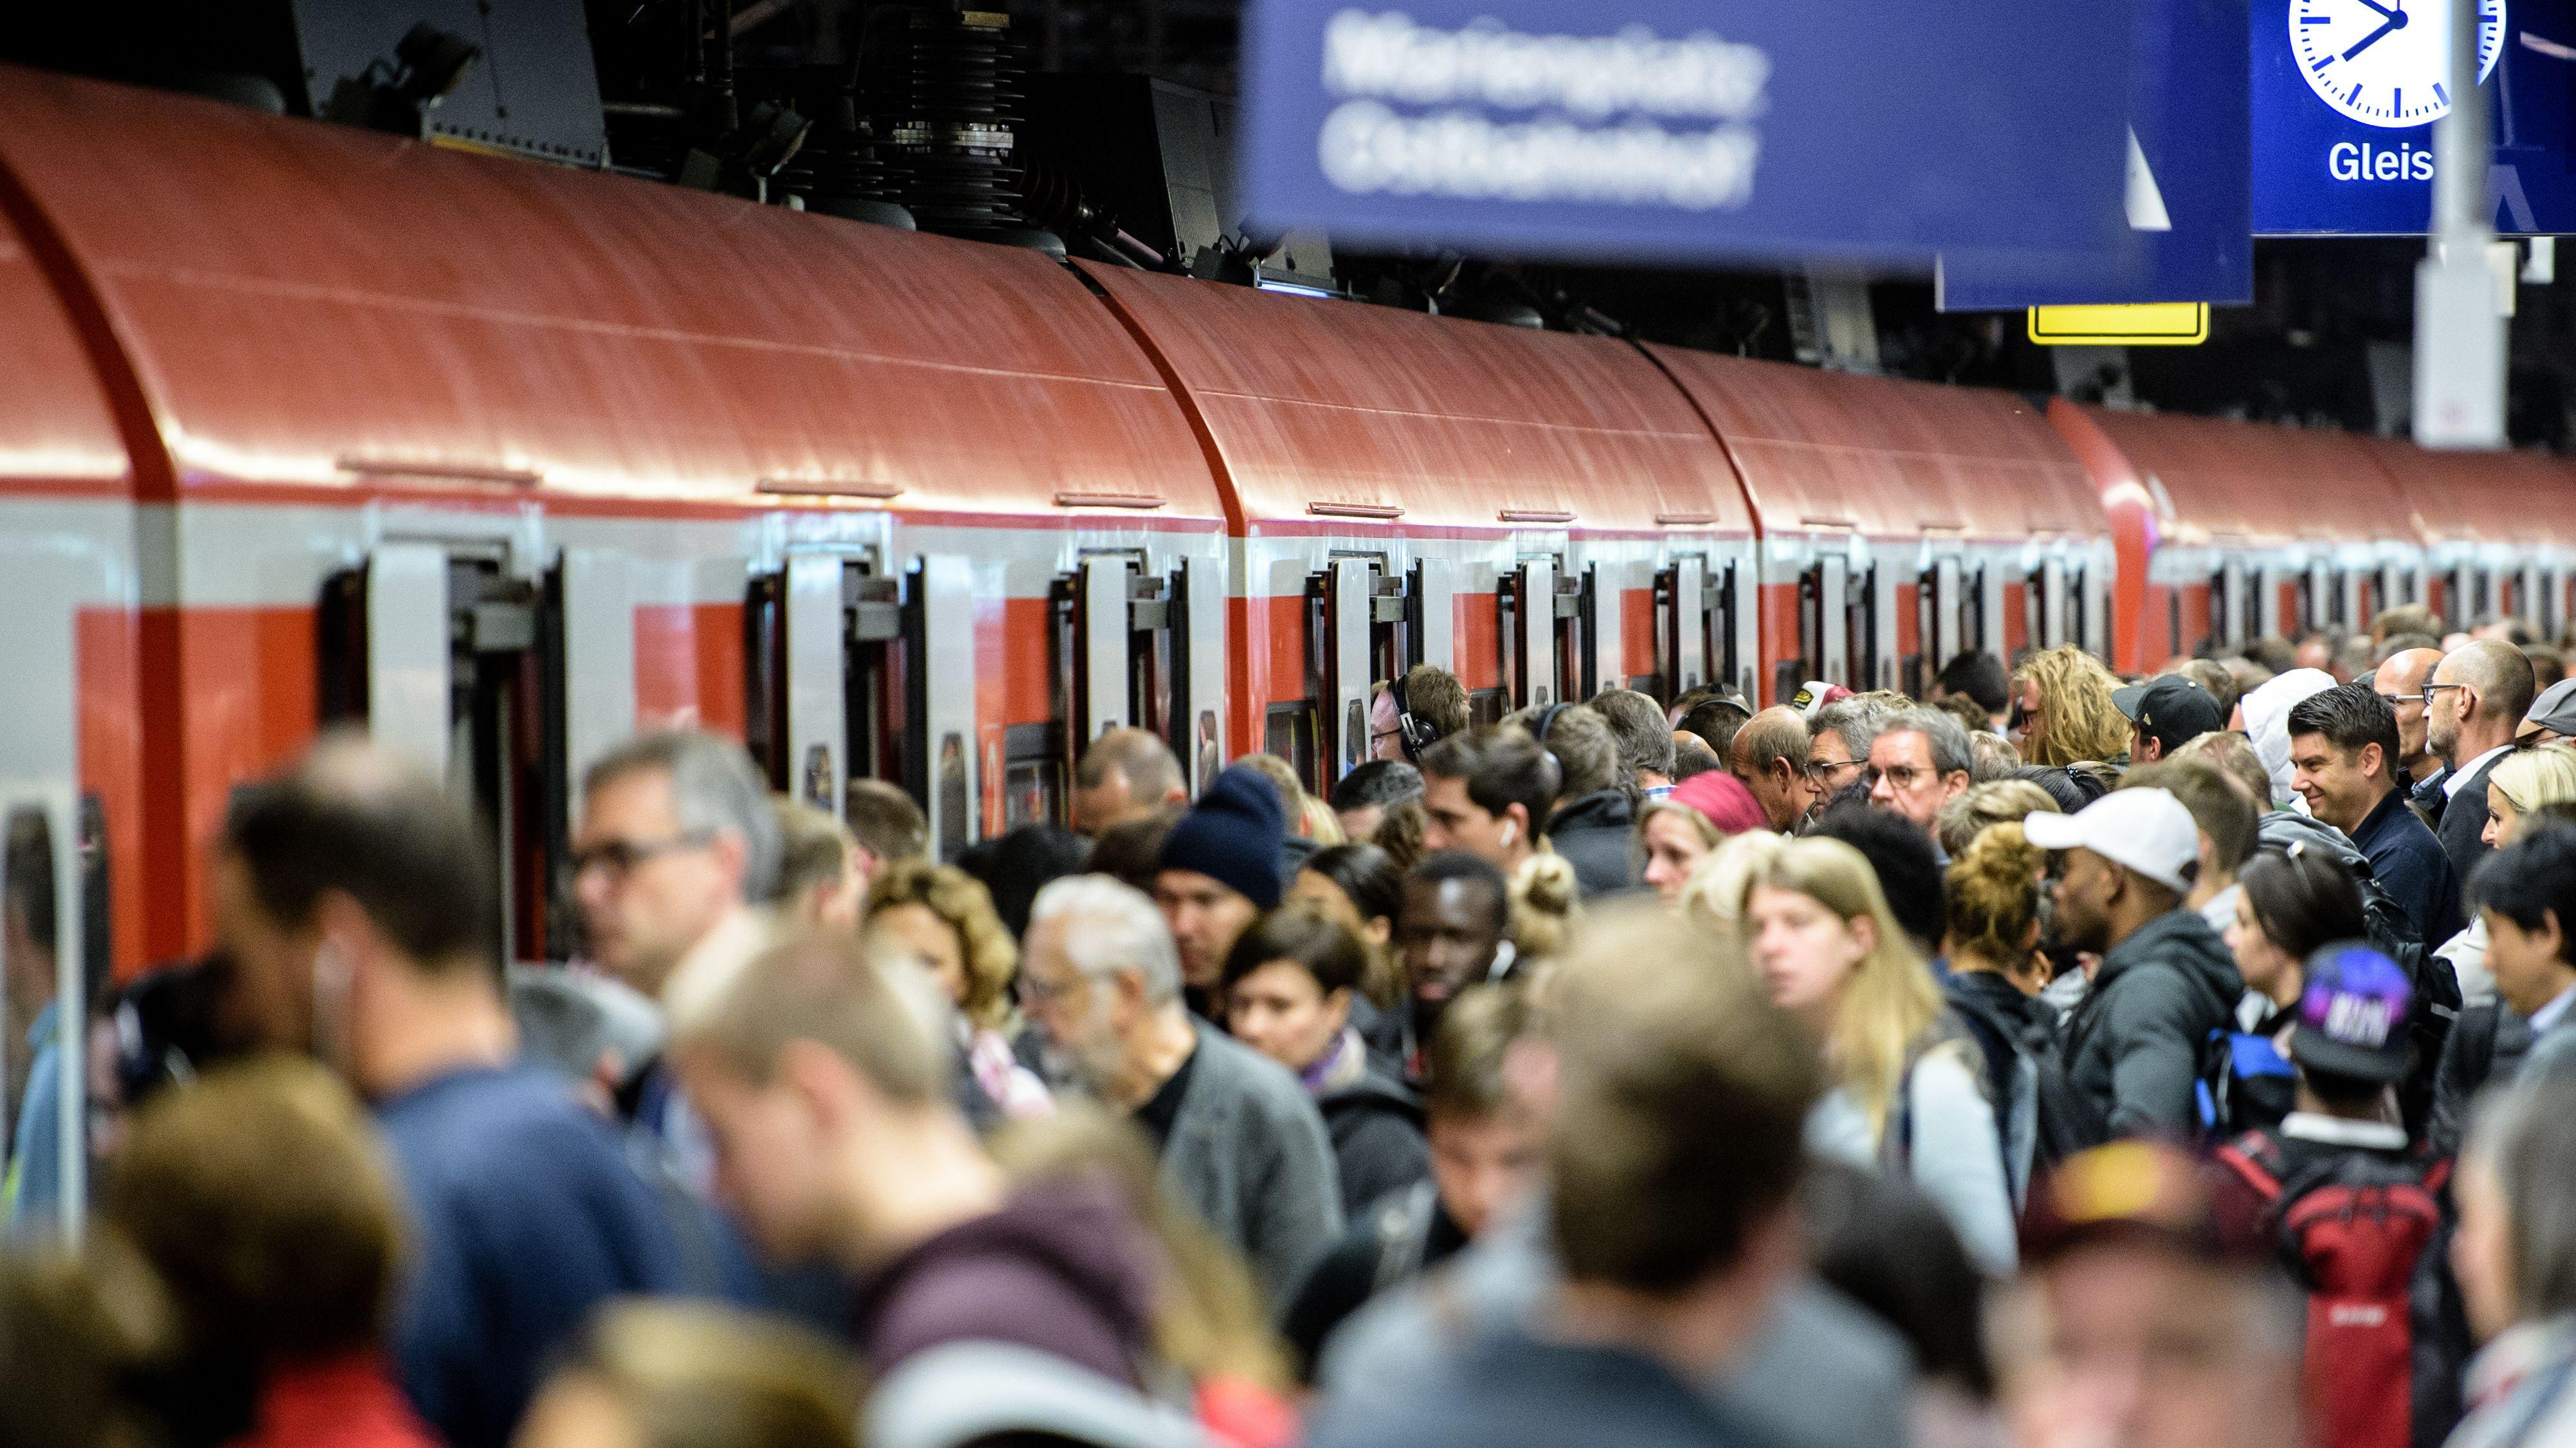 19.09.2019, München: Zahlreiche Menschen warten an einem Bahnsteig des Hauptbahnhofs München auf eine S-Bahn.